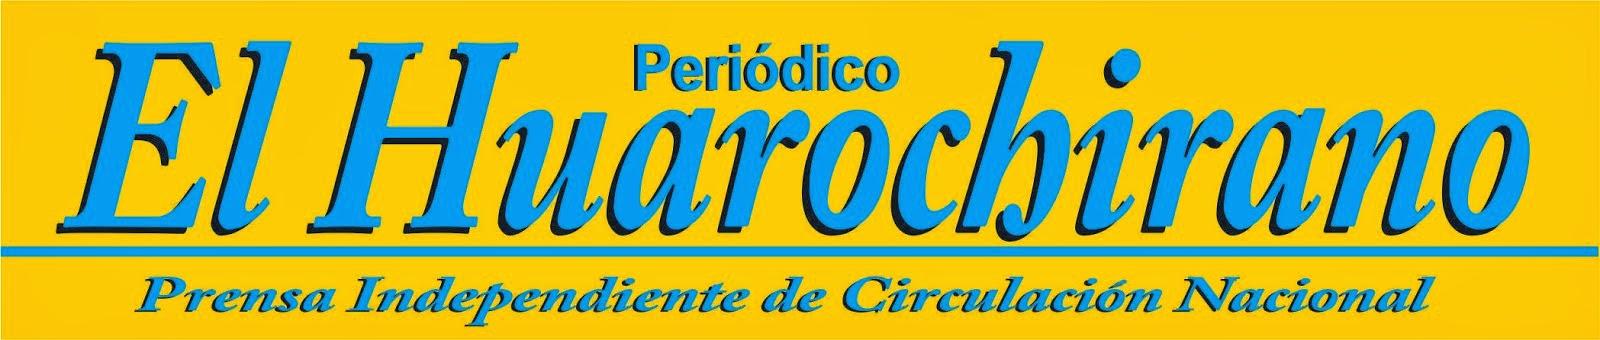 El Huarochirano